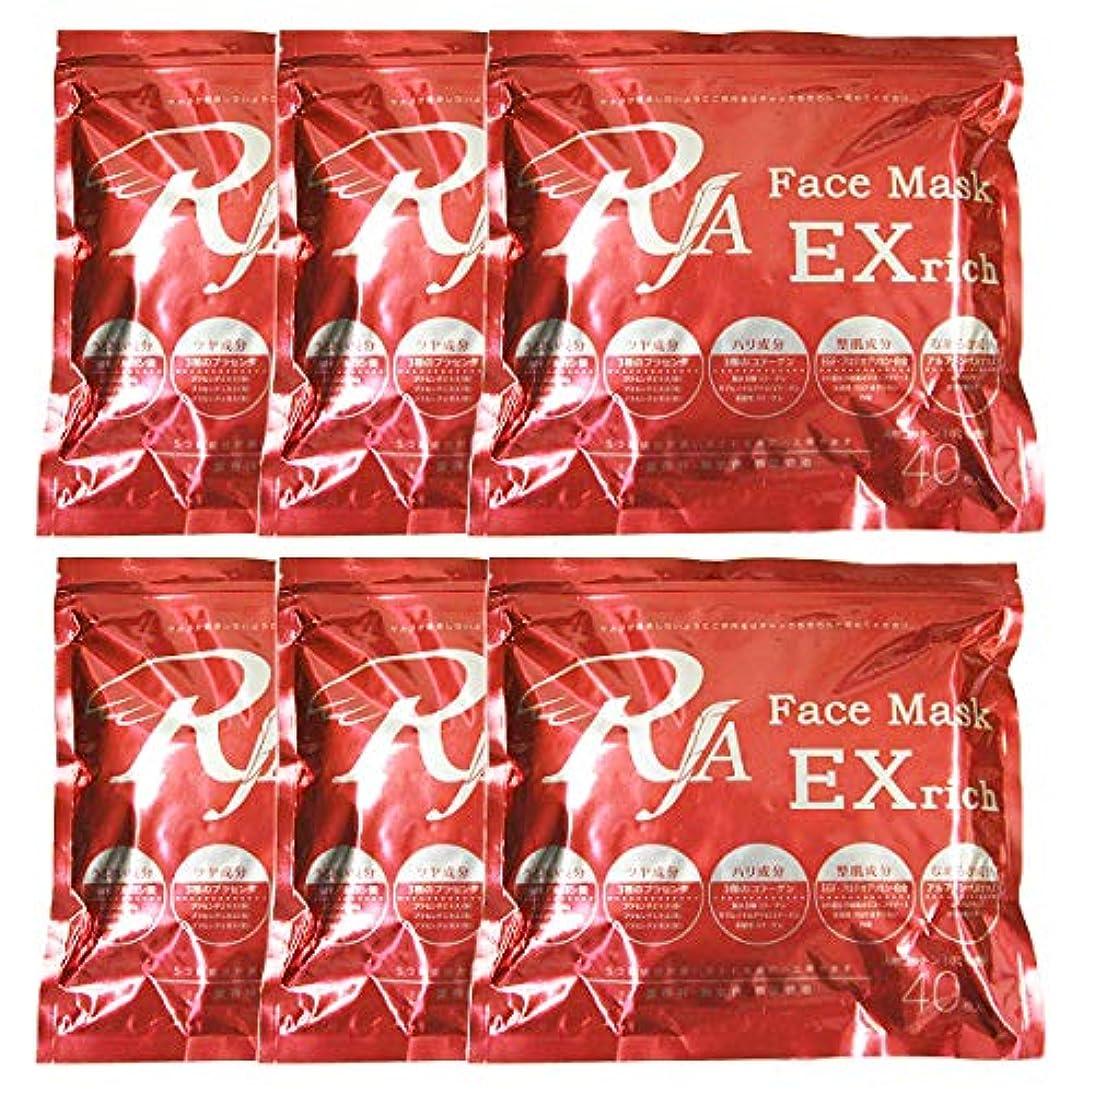 ダウン色実施するTBS公式/RJA フェイス マスク EXrich 240枚入(40枚×6袋) エステ使用の実力派フェイスマスク!1枚に約11mlもの美容液